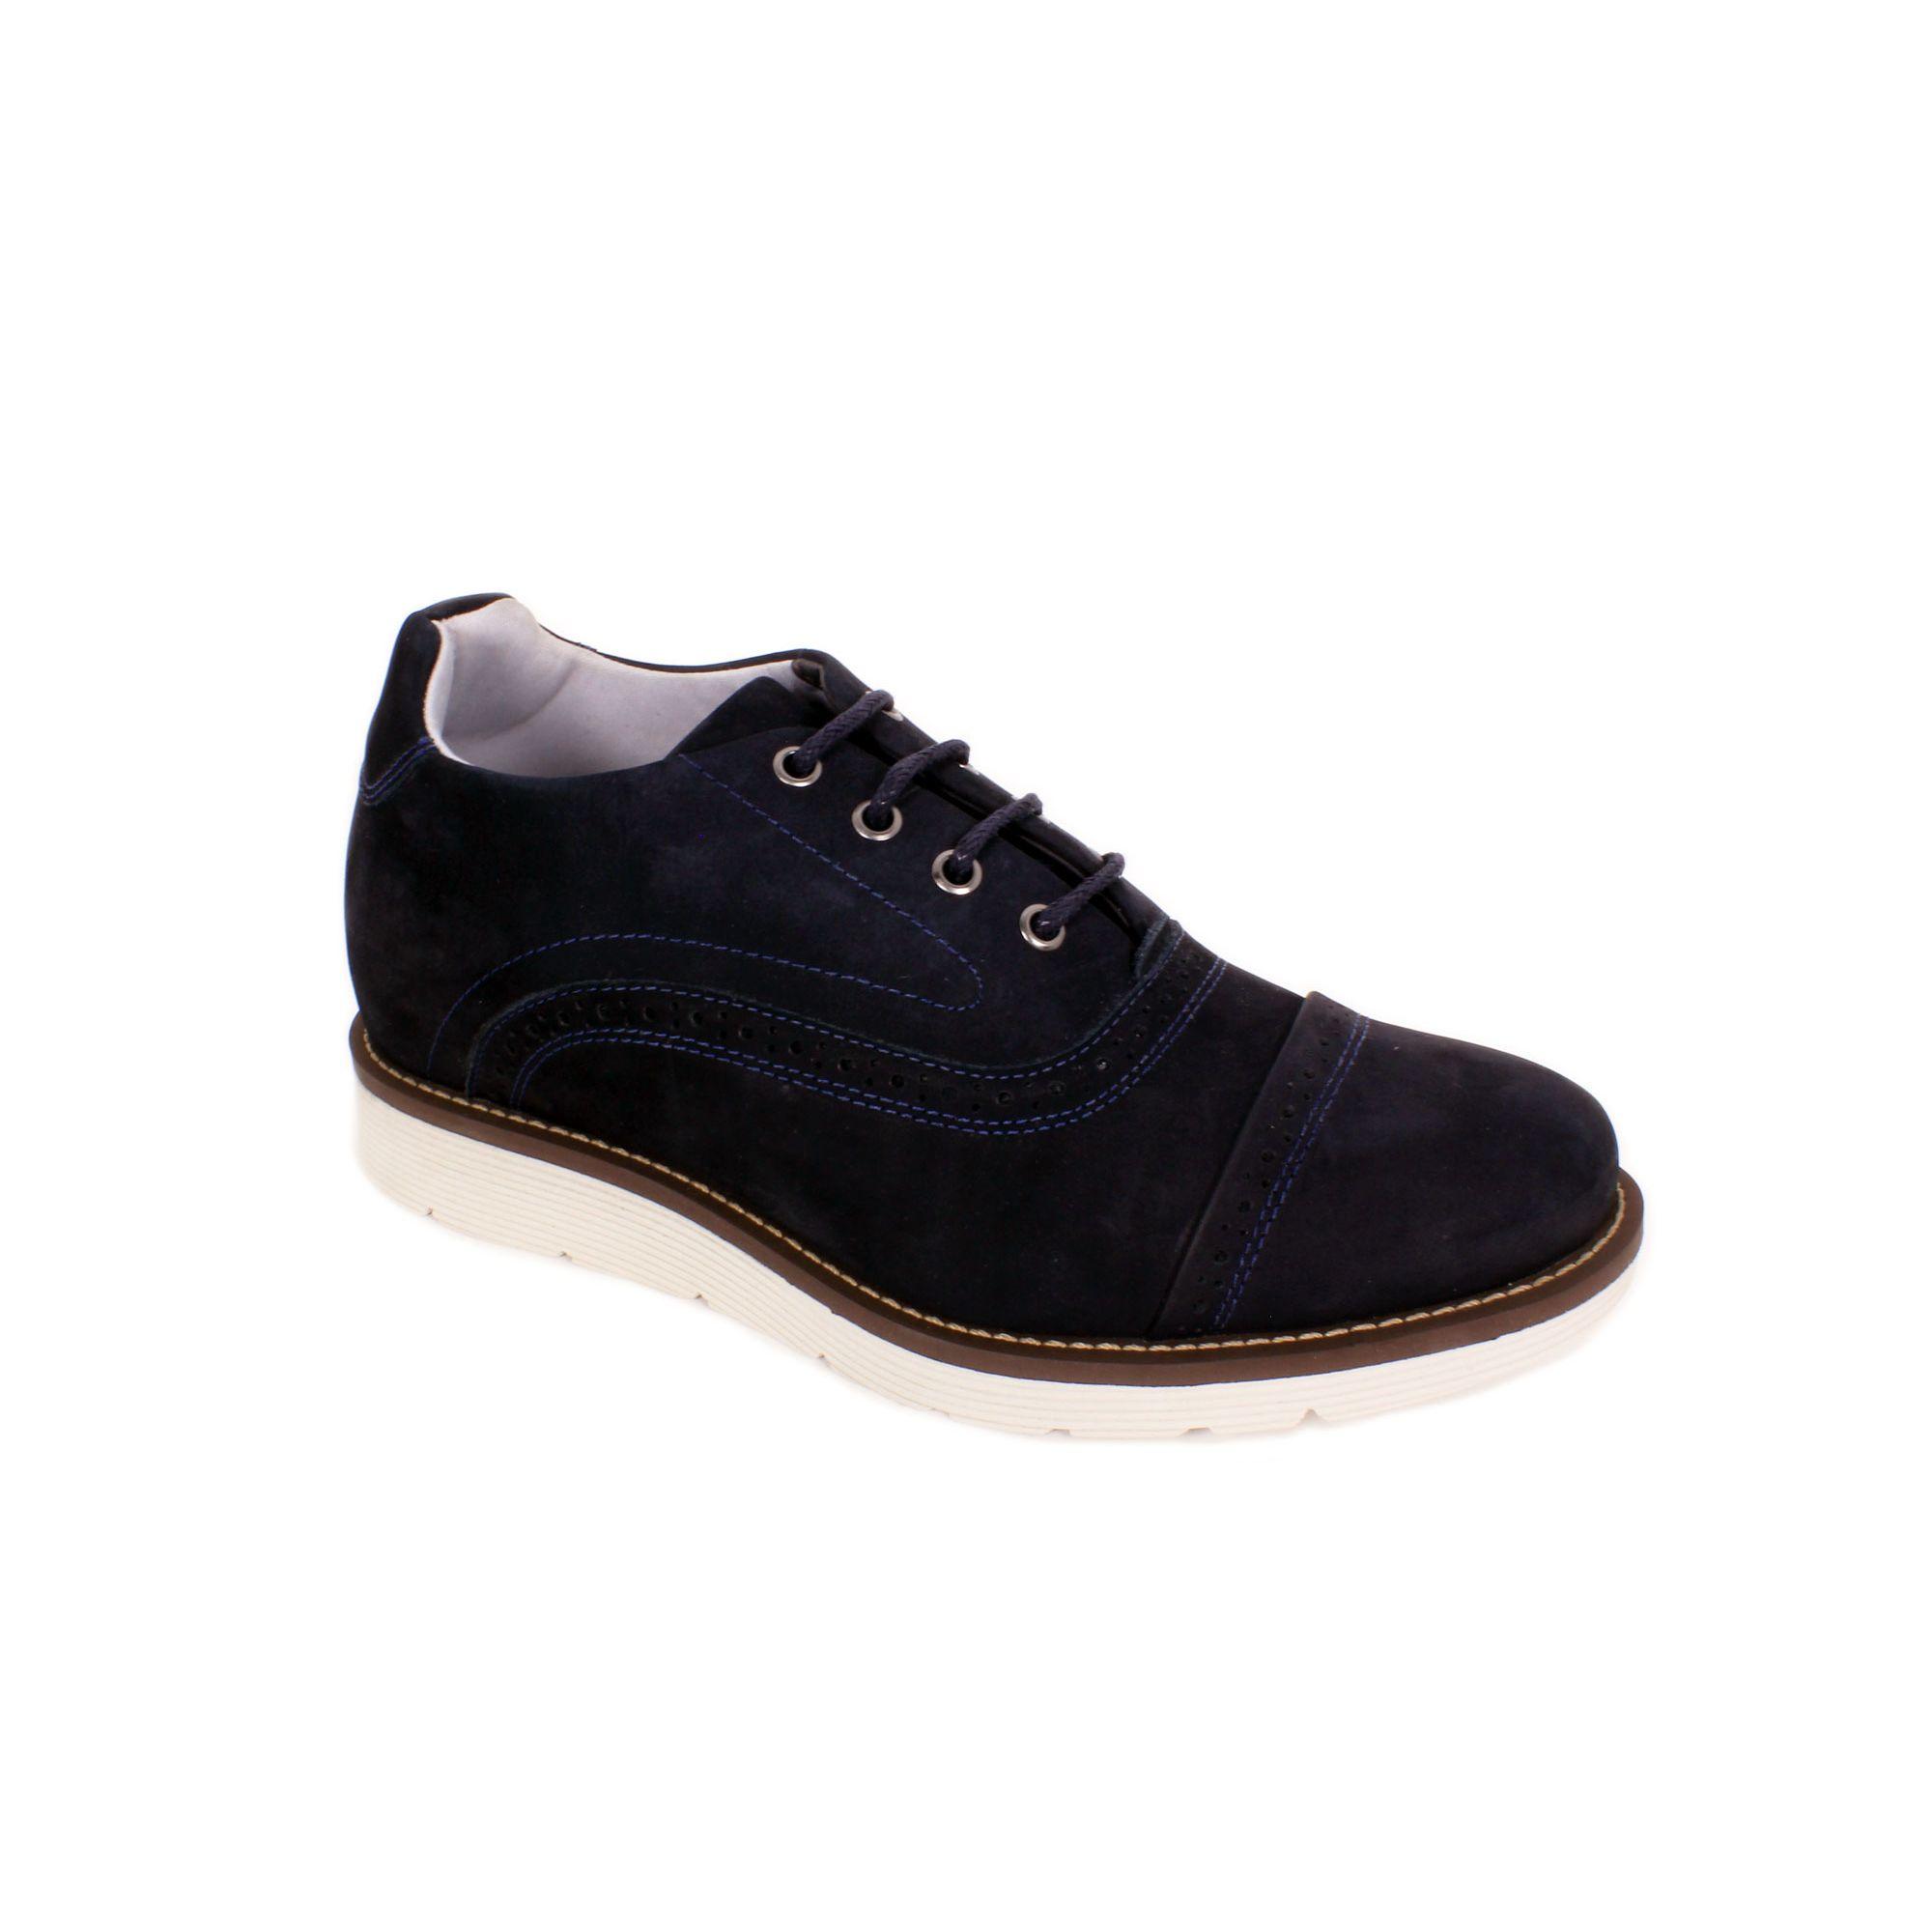 Zapato Casual Casino Azul Max Denegri +7cms de Altura_70949